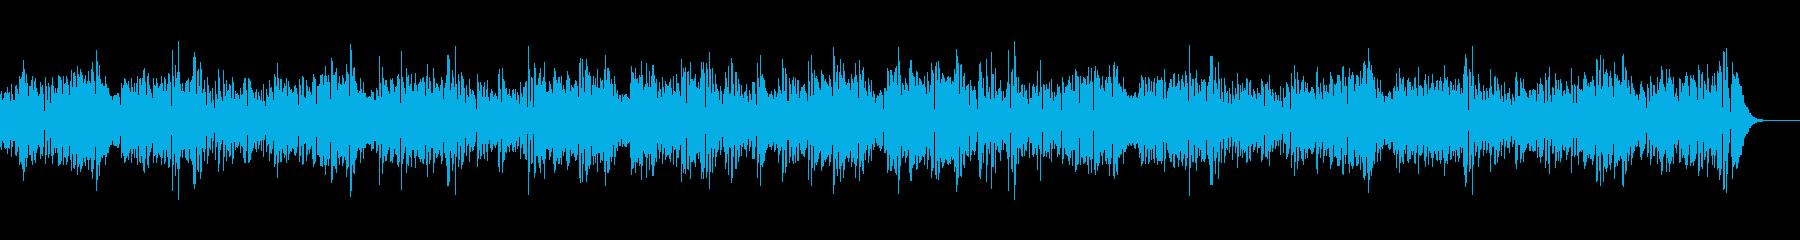 夏ボサノバおしゃれギターの再生済みの波形